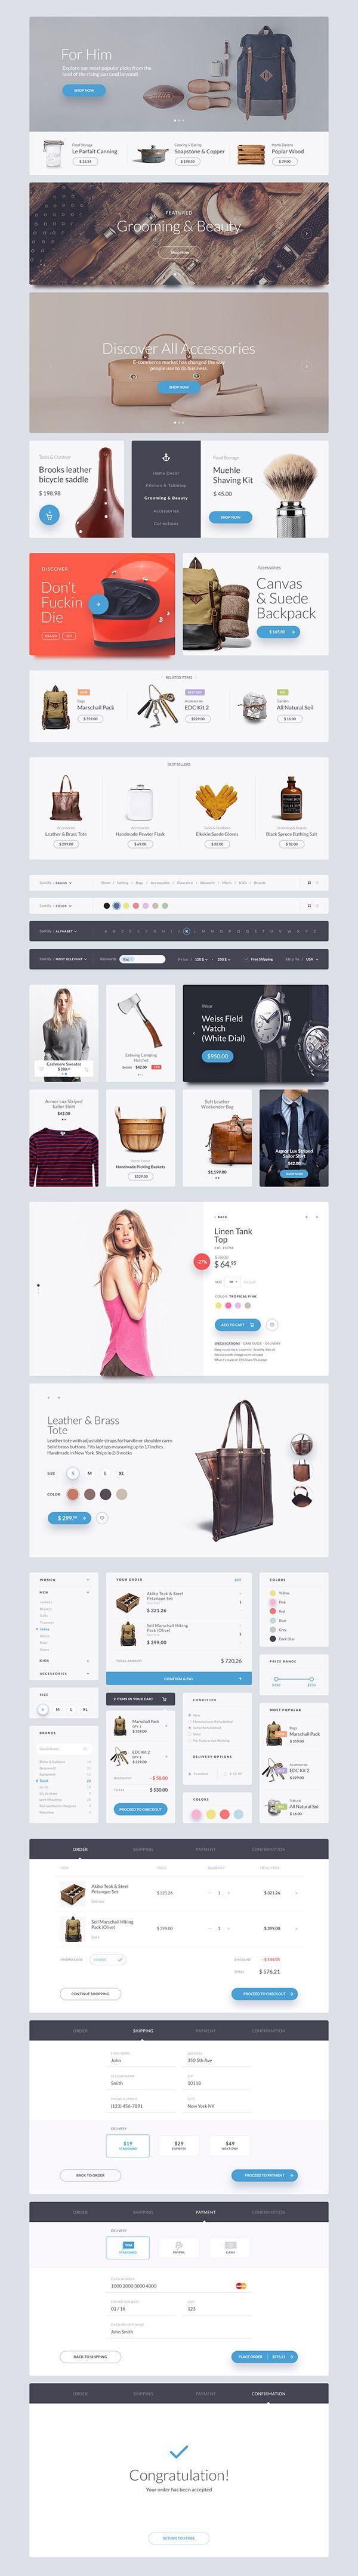 Simplistic Ecommerce #UI #UX love the standout blue CTA